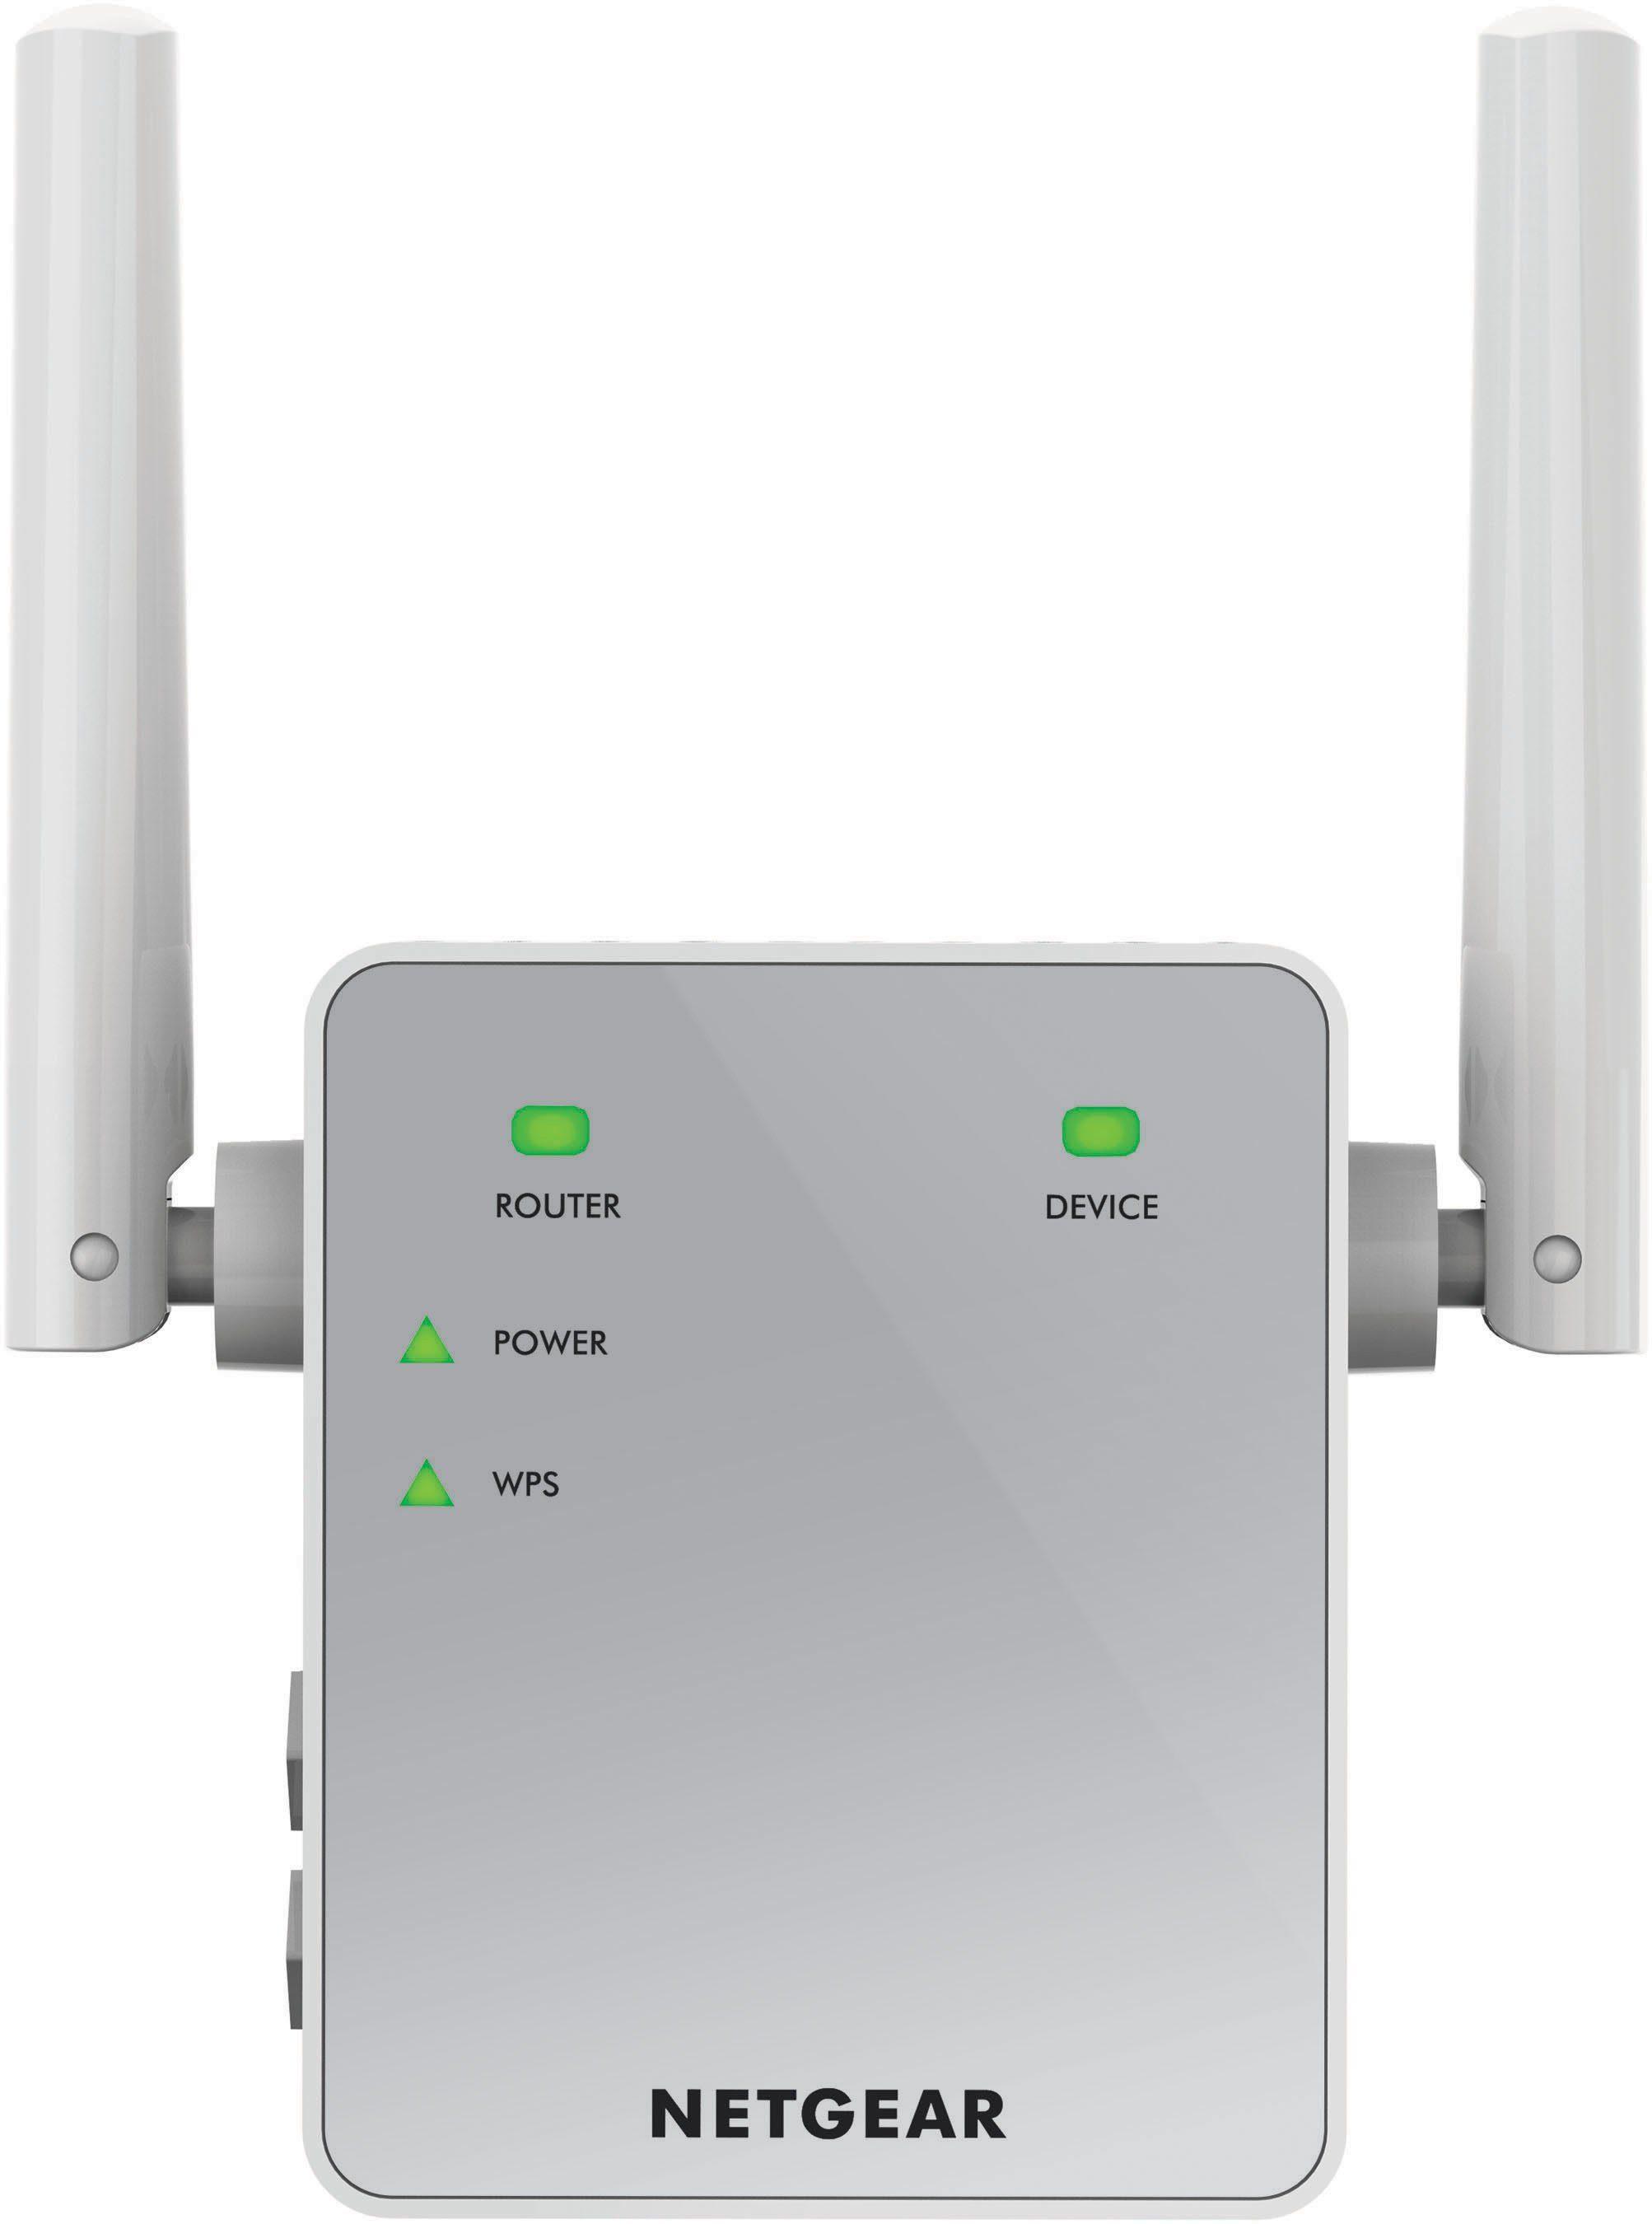 Netgear Access Point Hardware »AC750 Wls Range Extender«